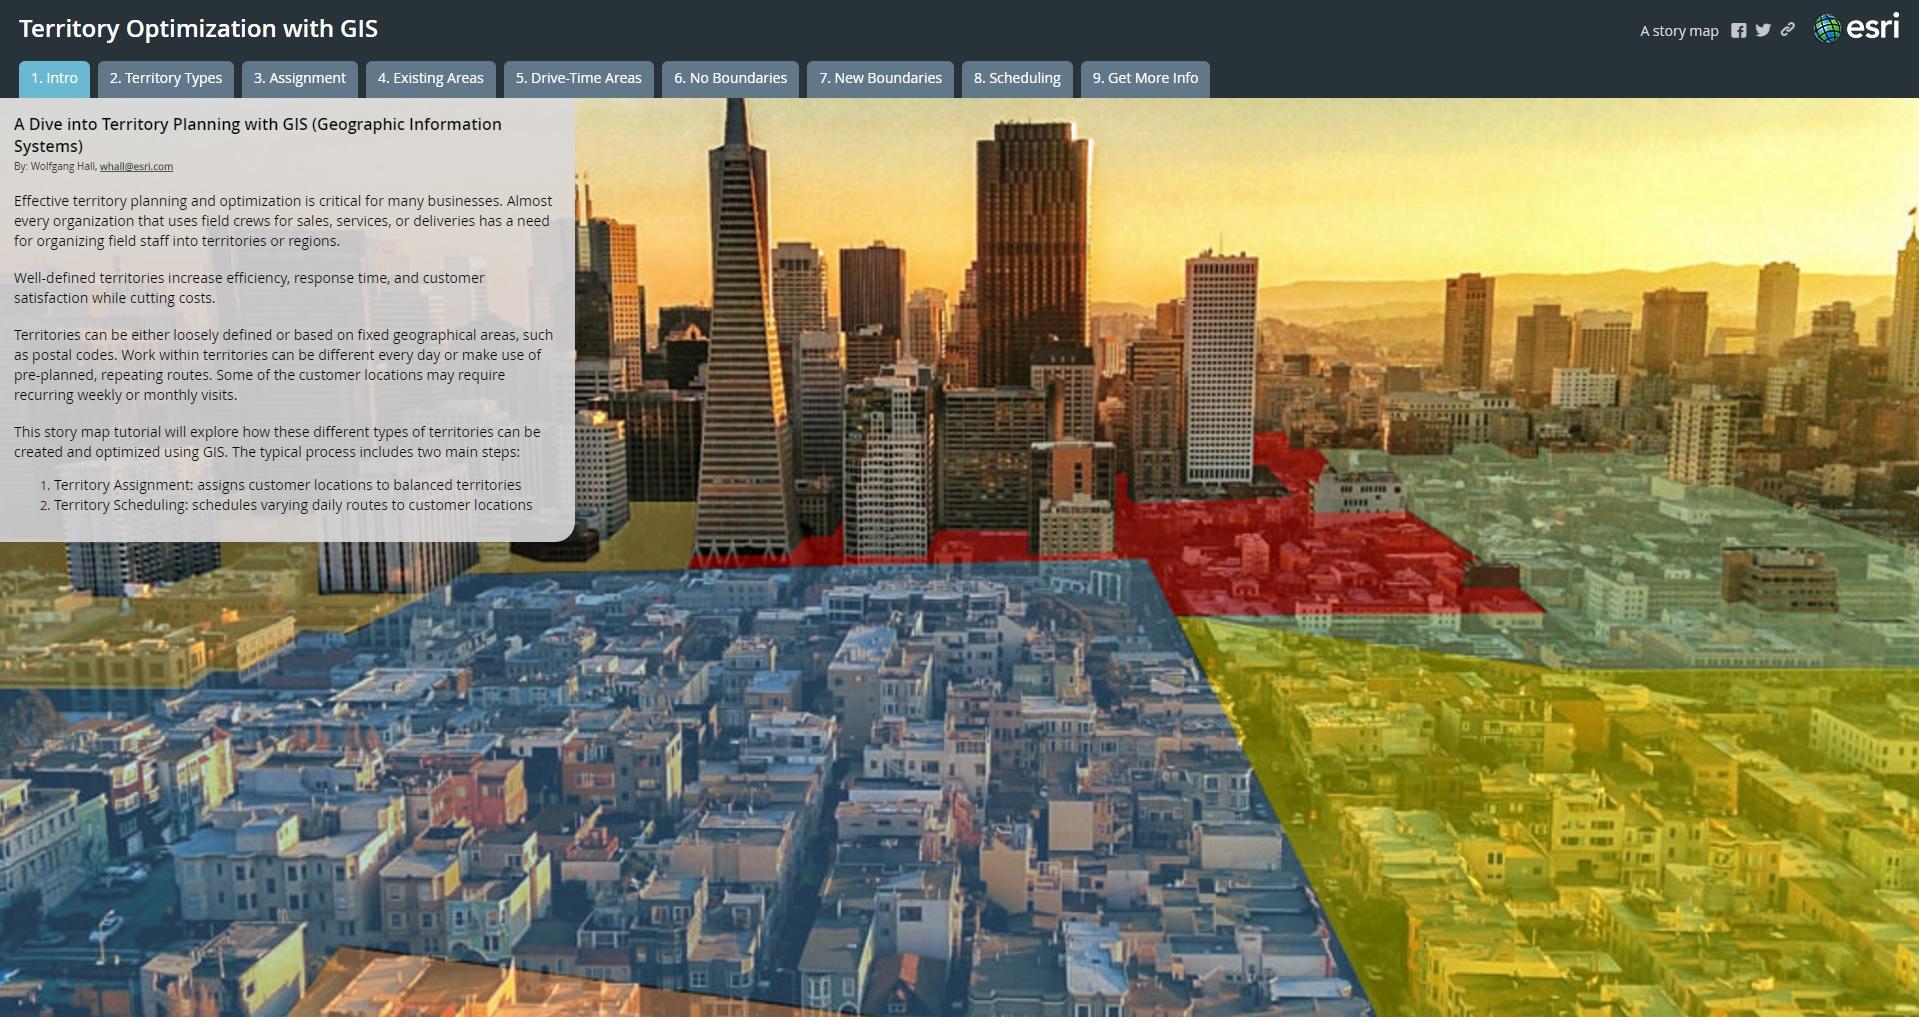 昼間人口データからわかる都市の労働人口やその傾向